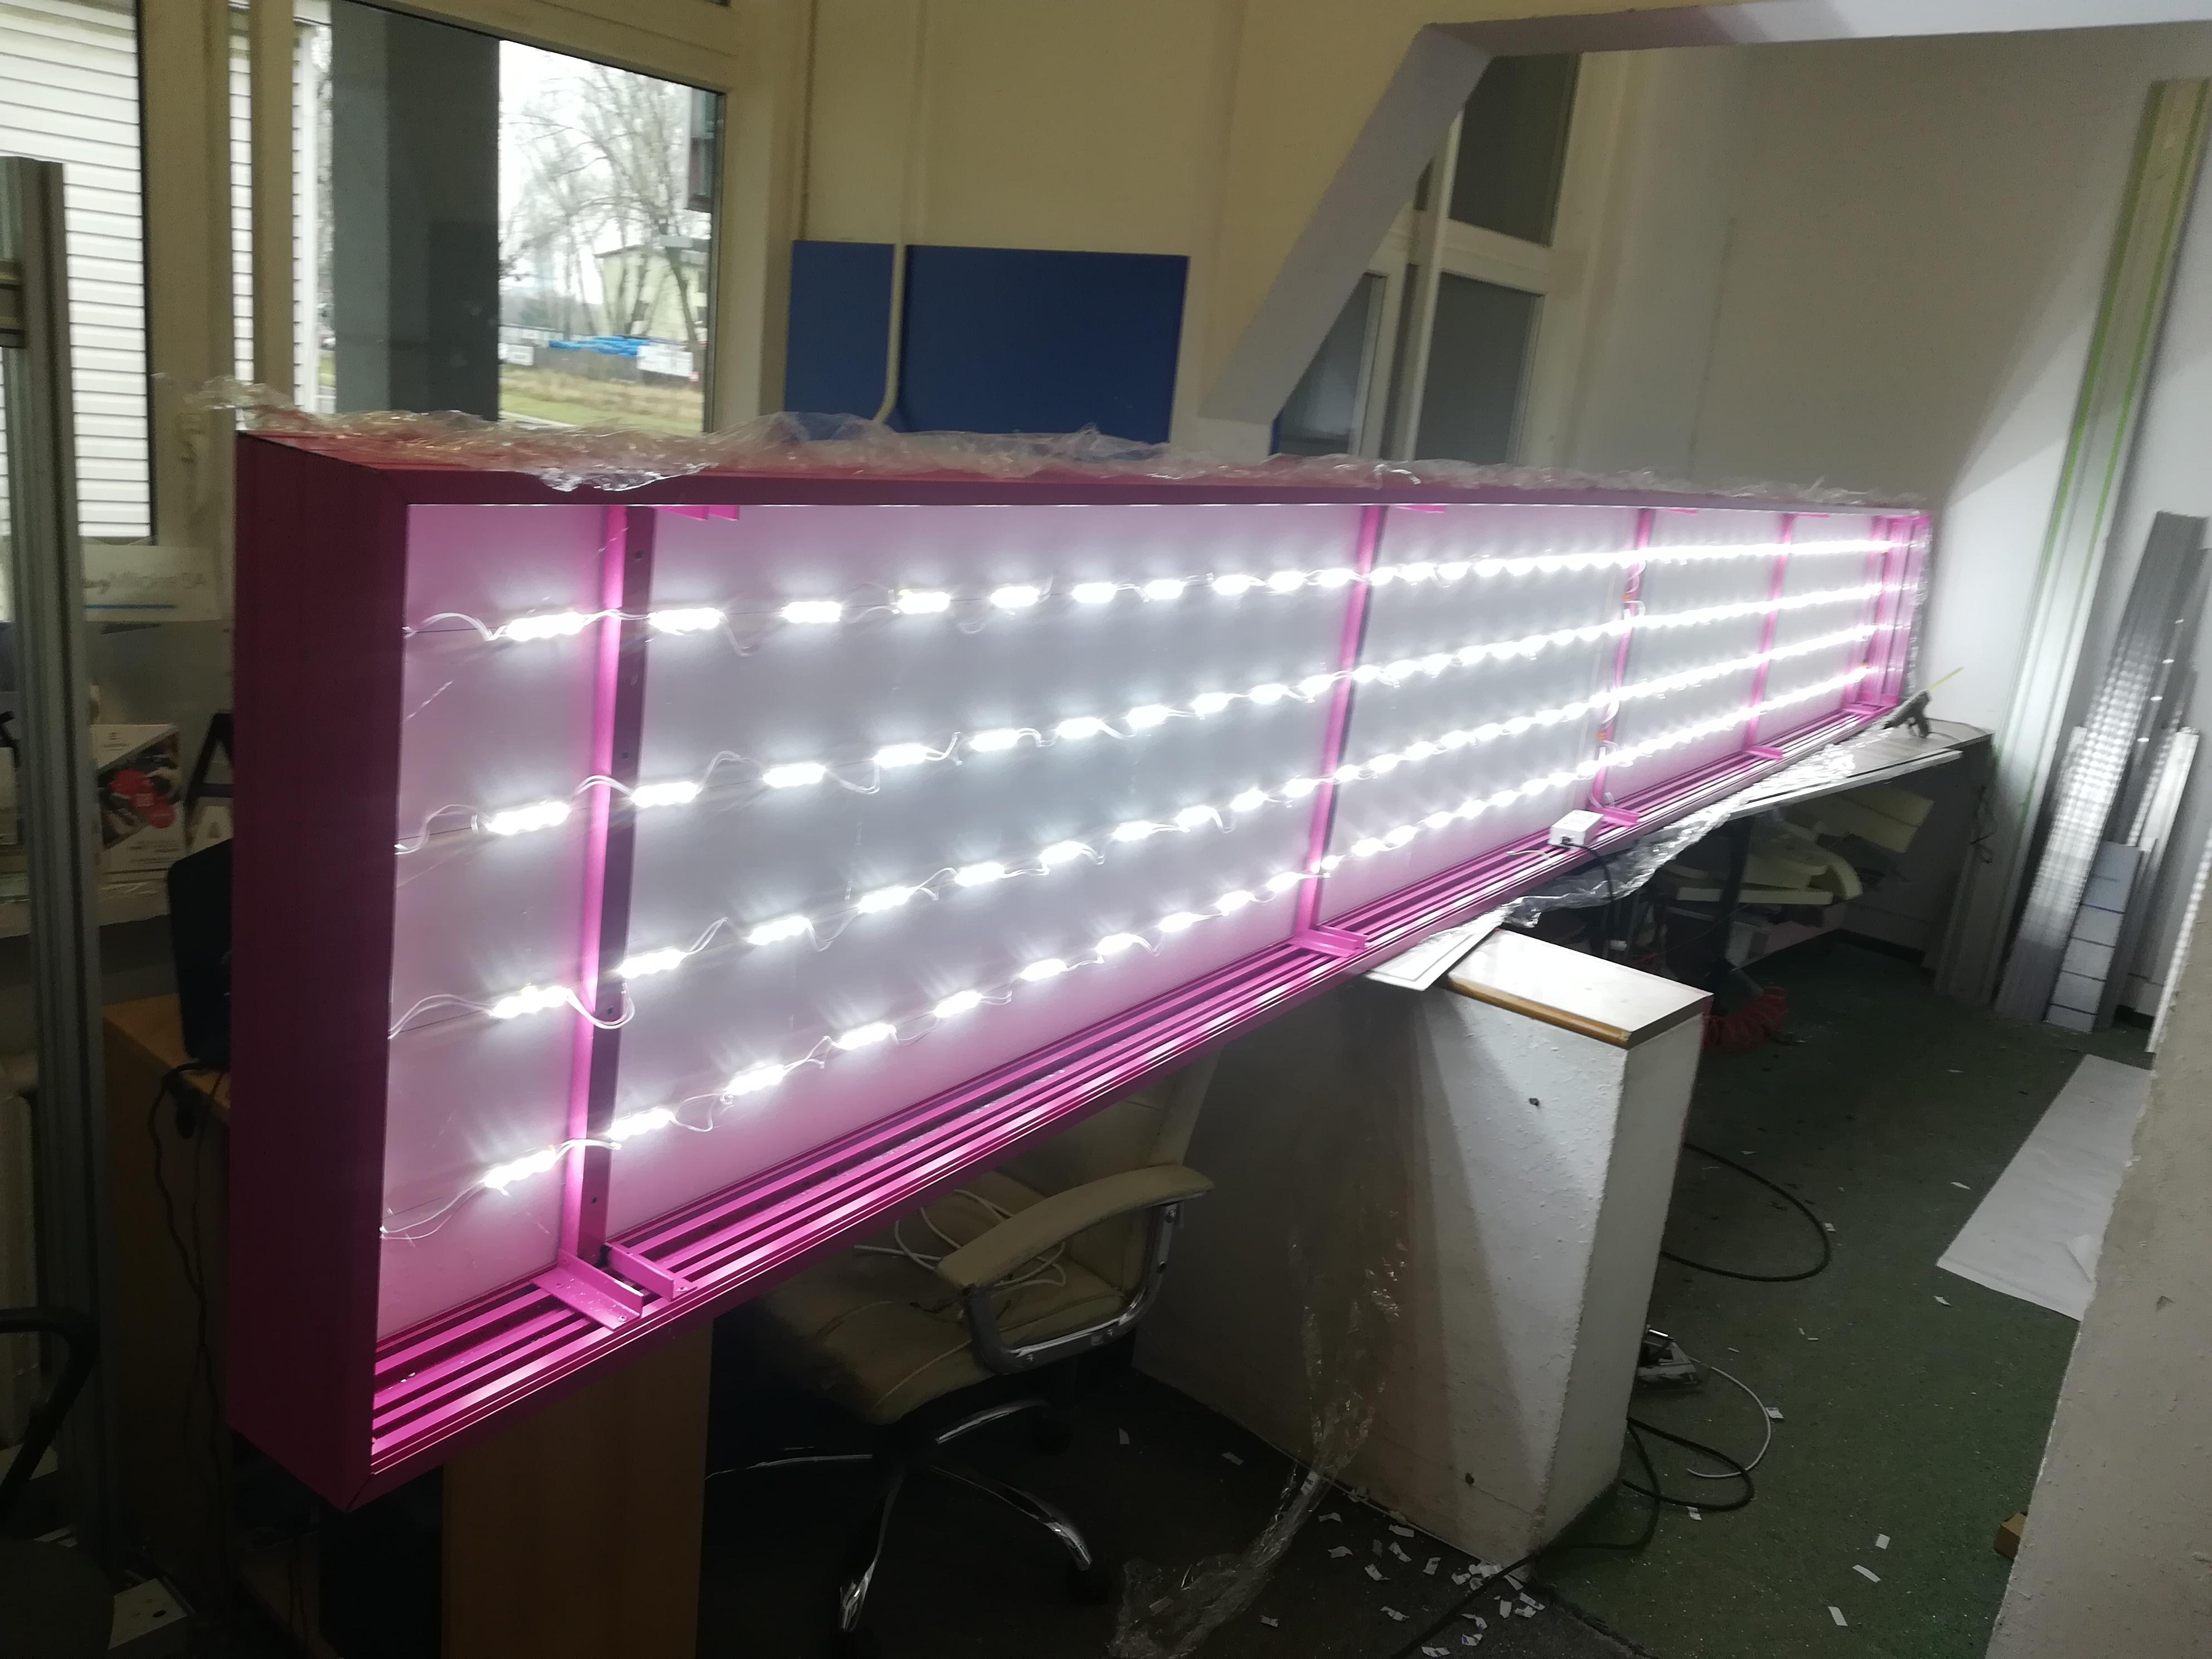 kaseton w ramie al. malowany proszkowo ,podświetlenie moduły LED